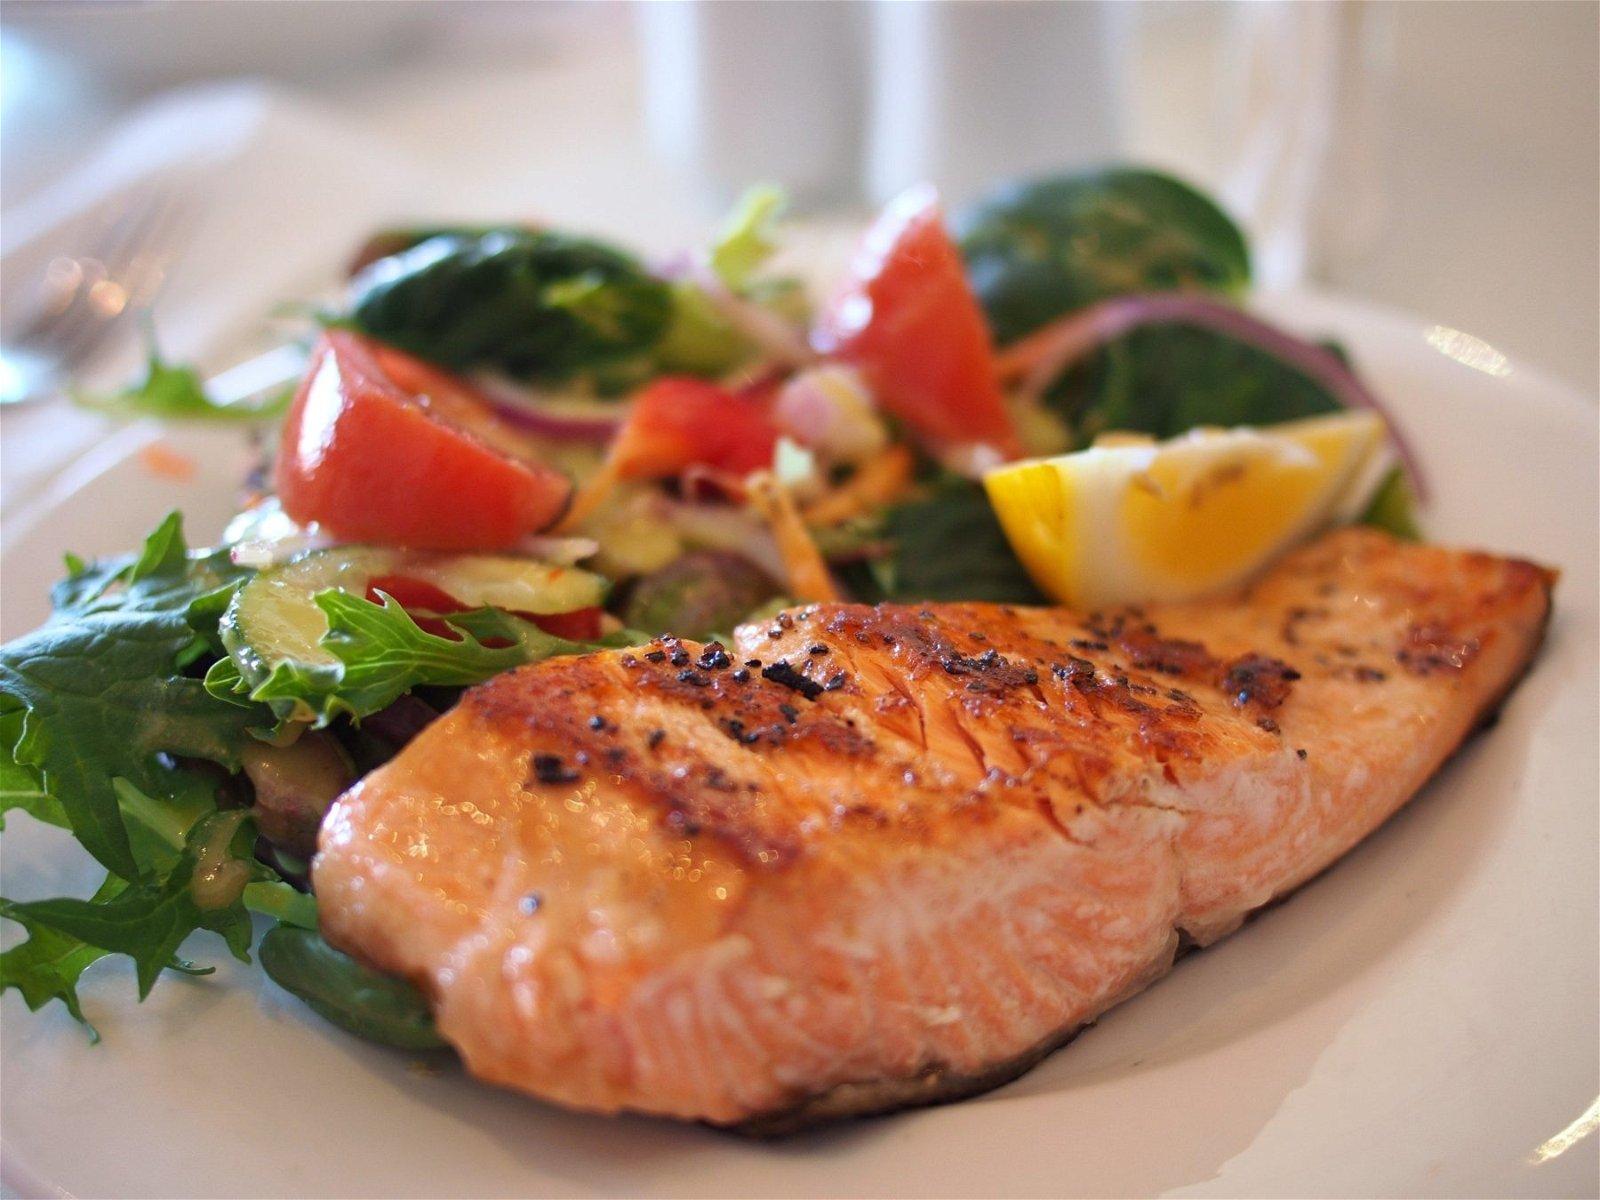 comidas+para+perder+peso+en+una+semana